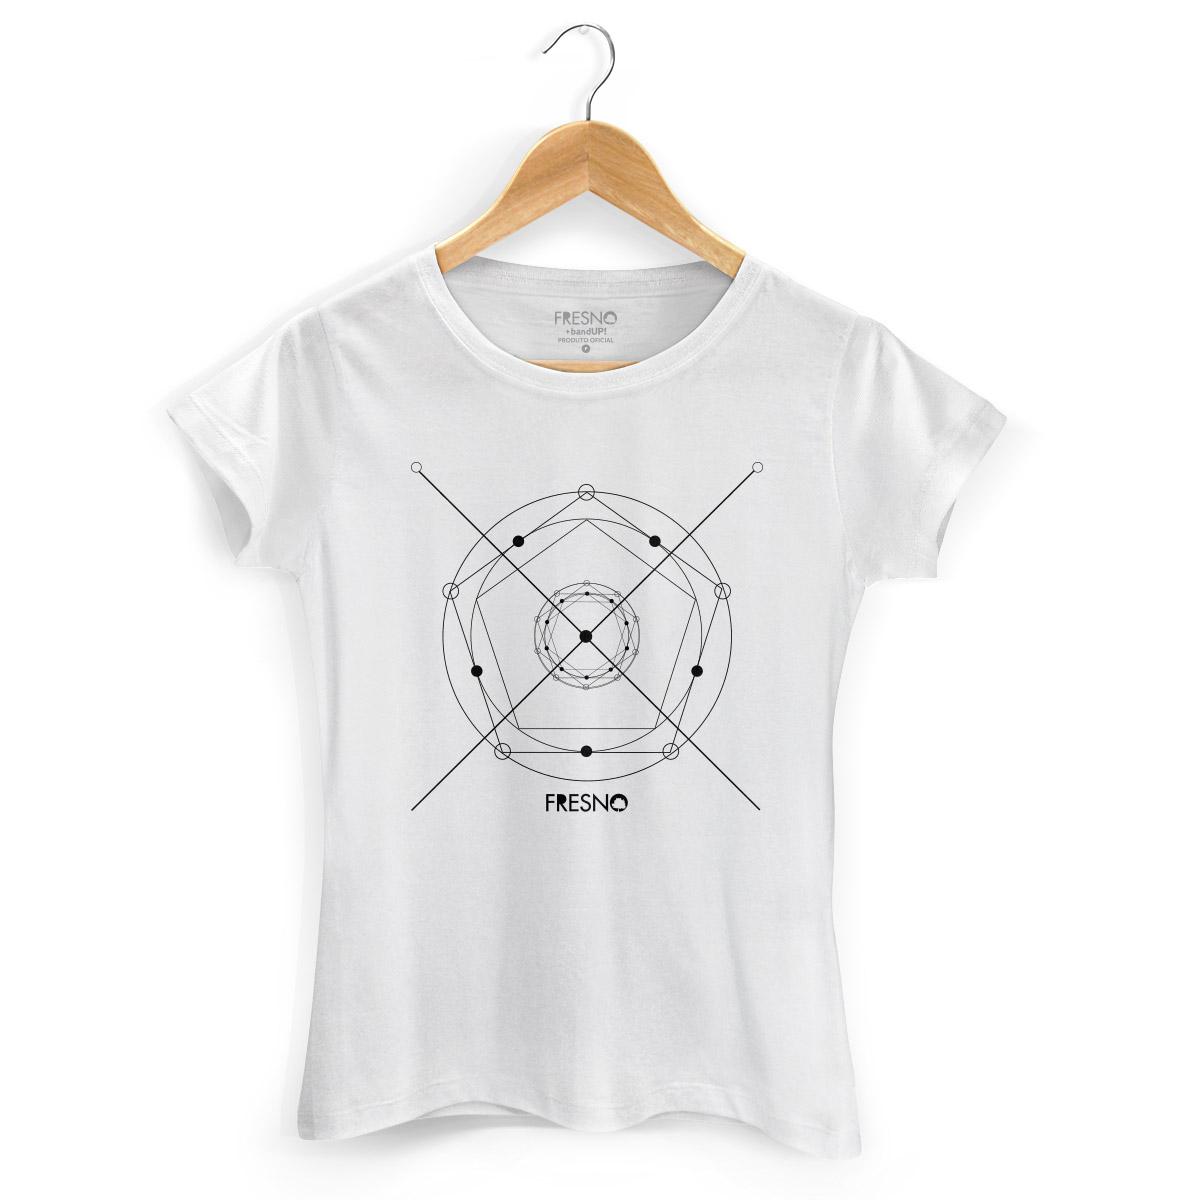 Camiseta Feminina Fresno Diagrama